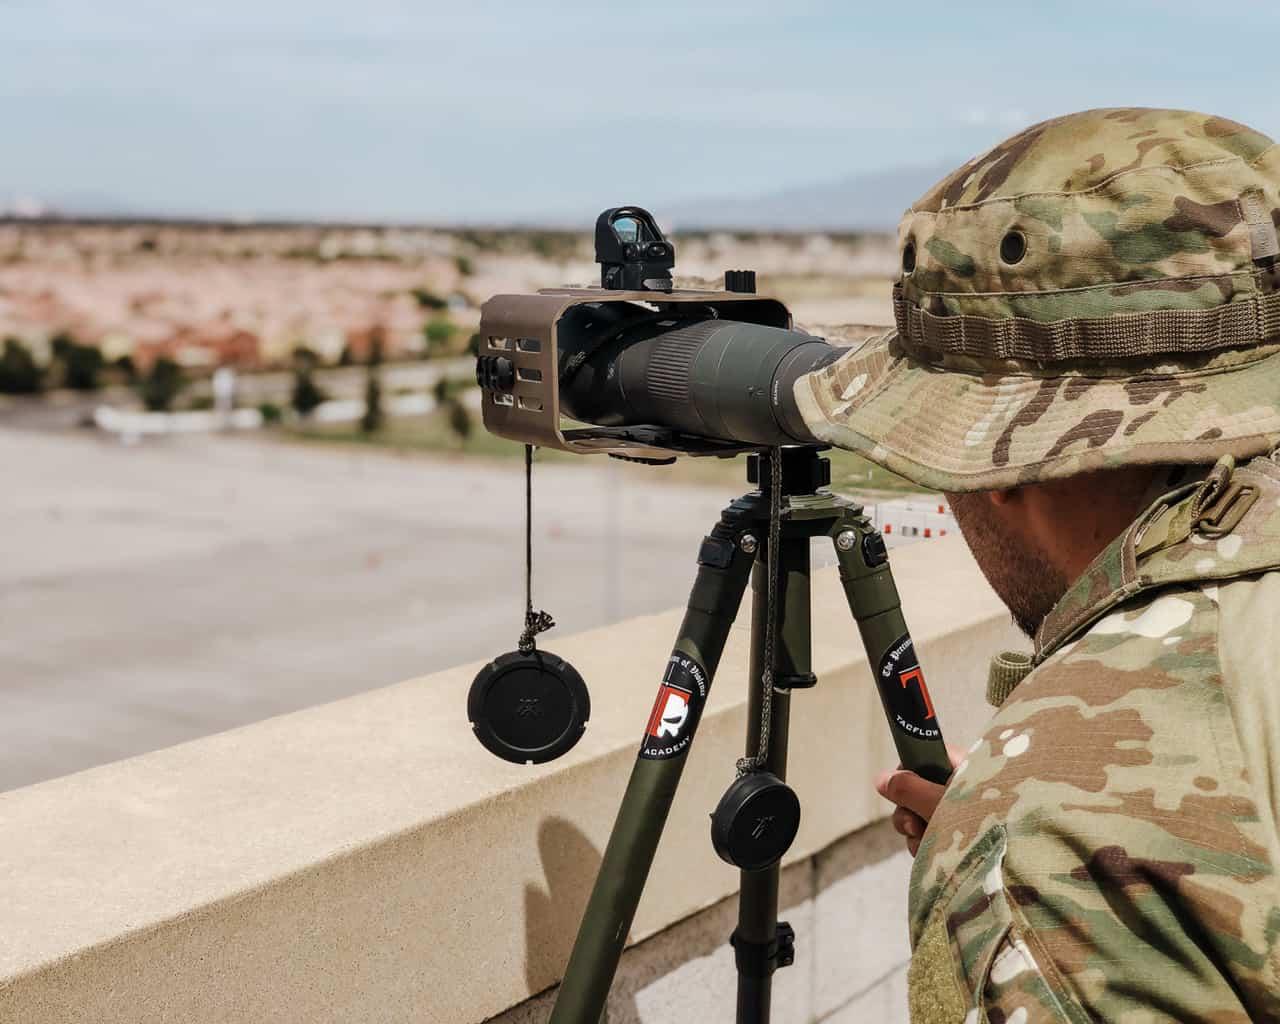 urban-sniper-response-tactics-course-4